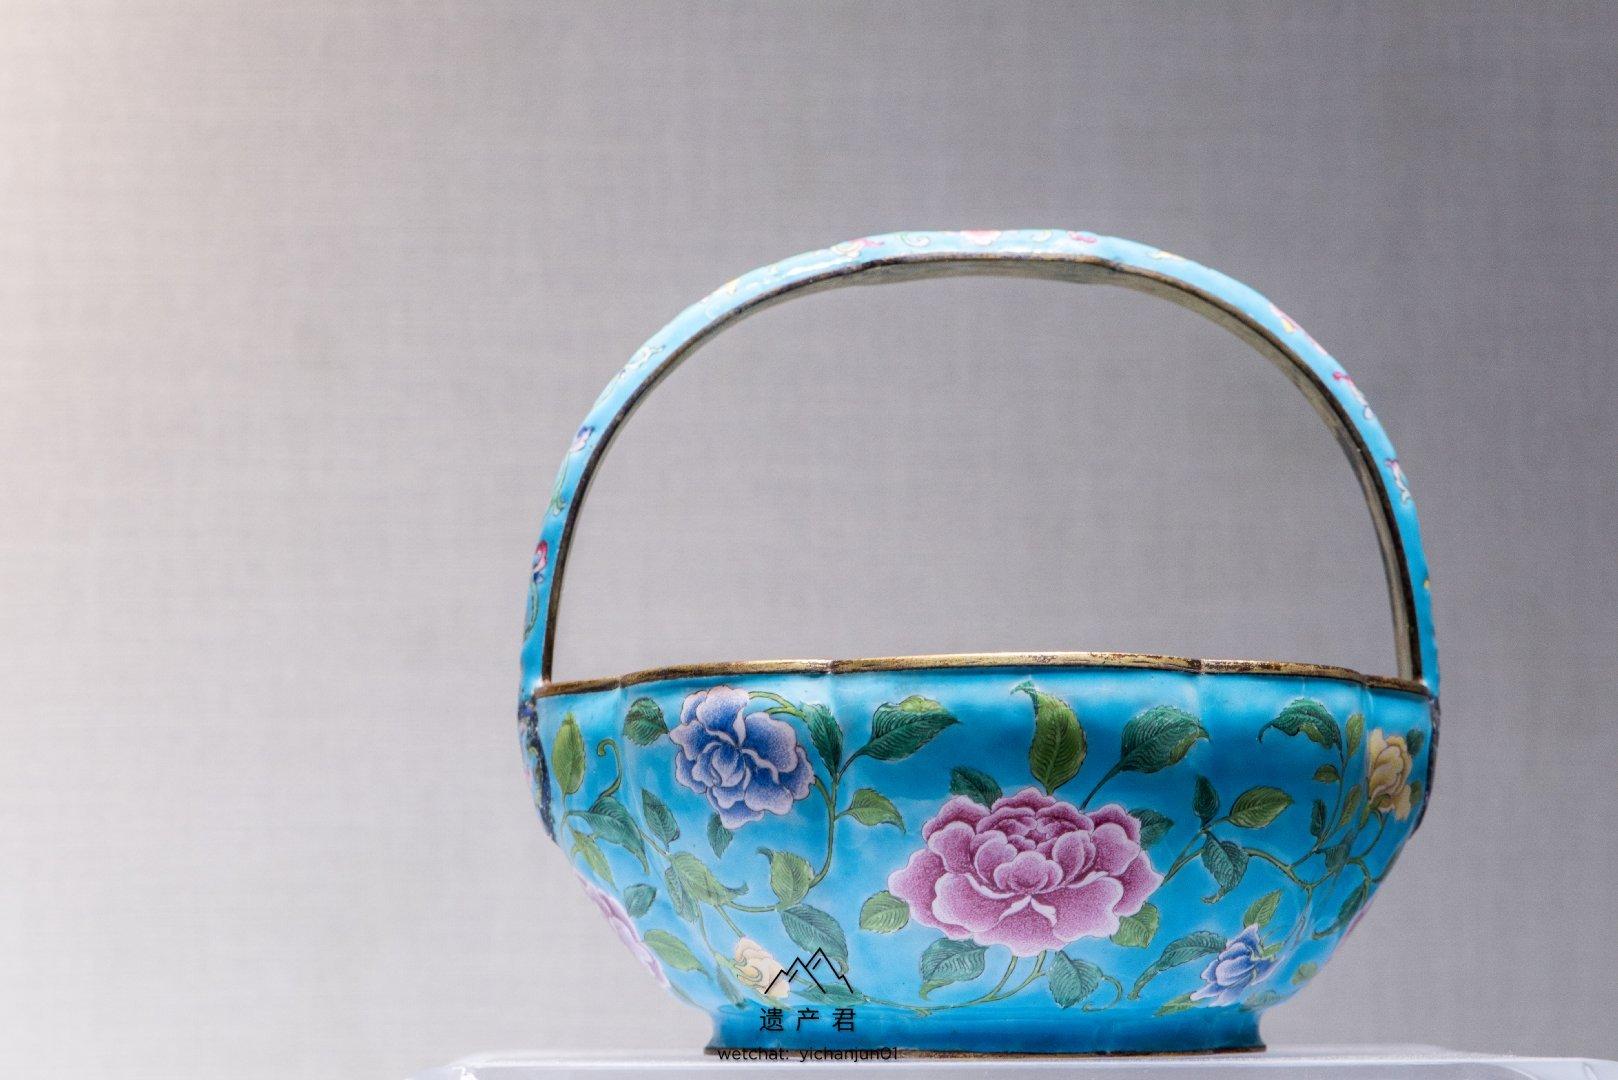 故宫博物院藏· 清乾隆款画珐琅牡丹纹花篮